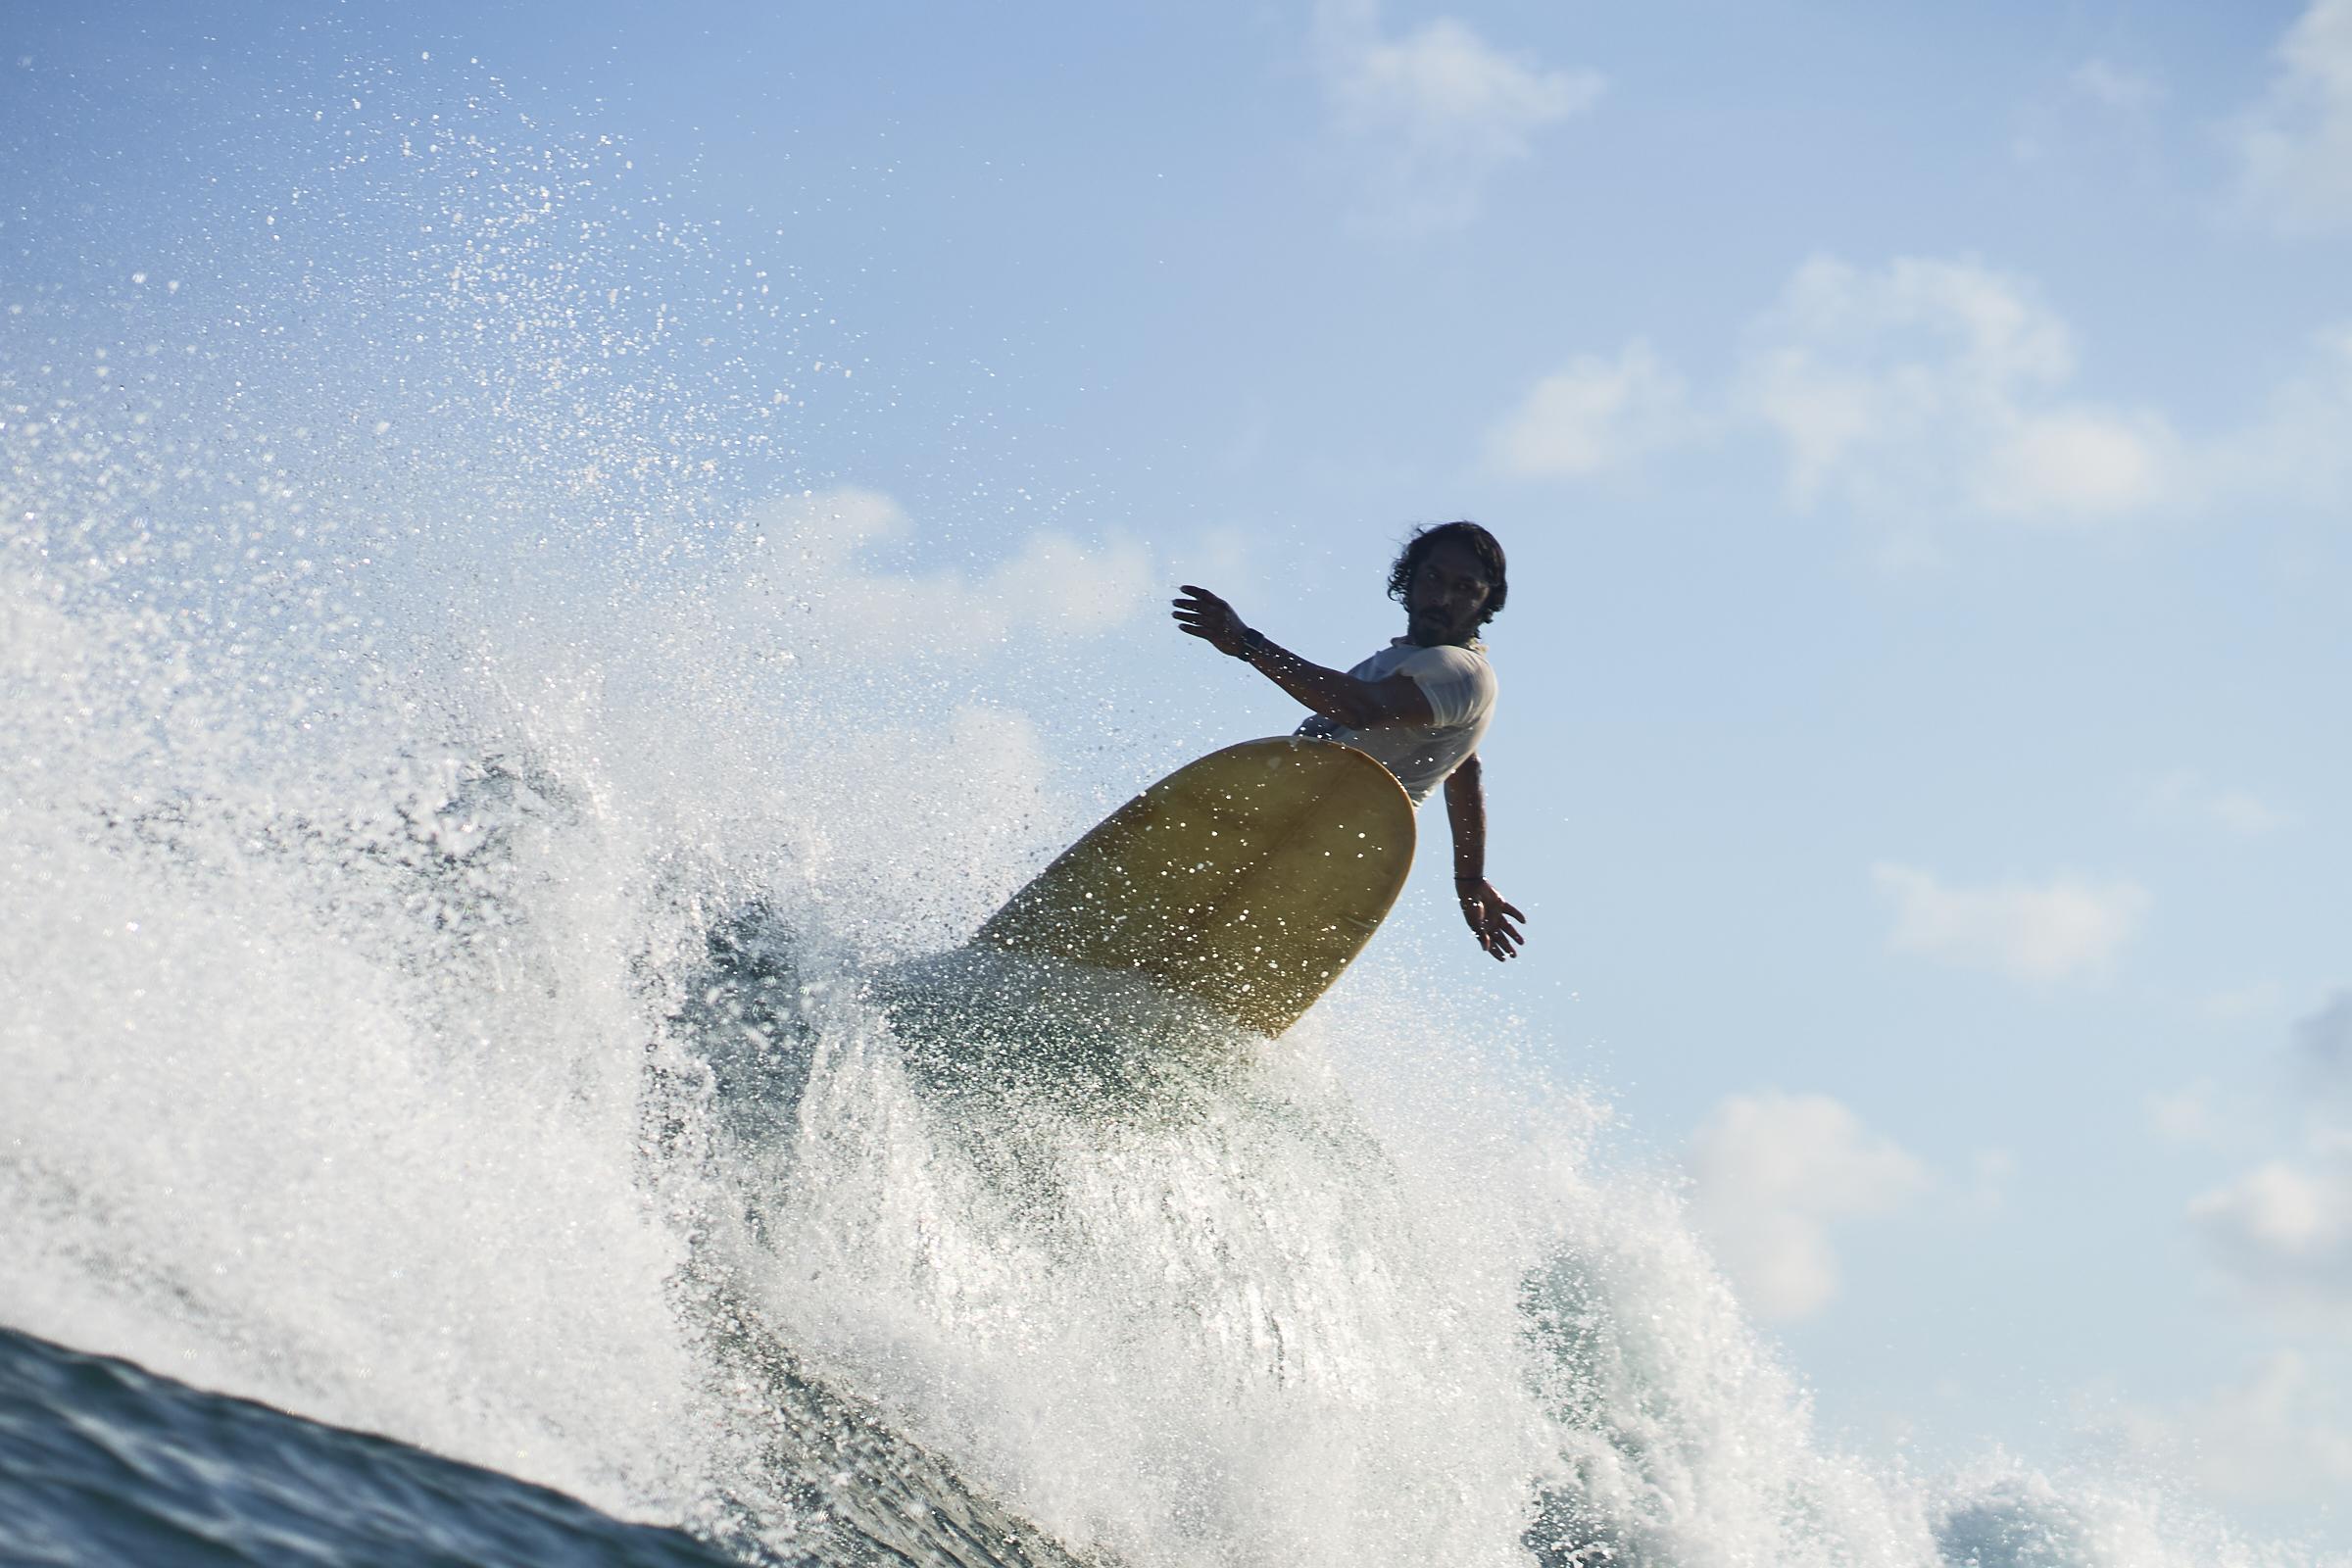 sri lanka surfing spots